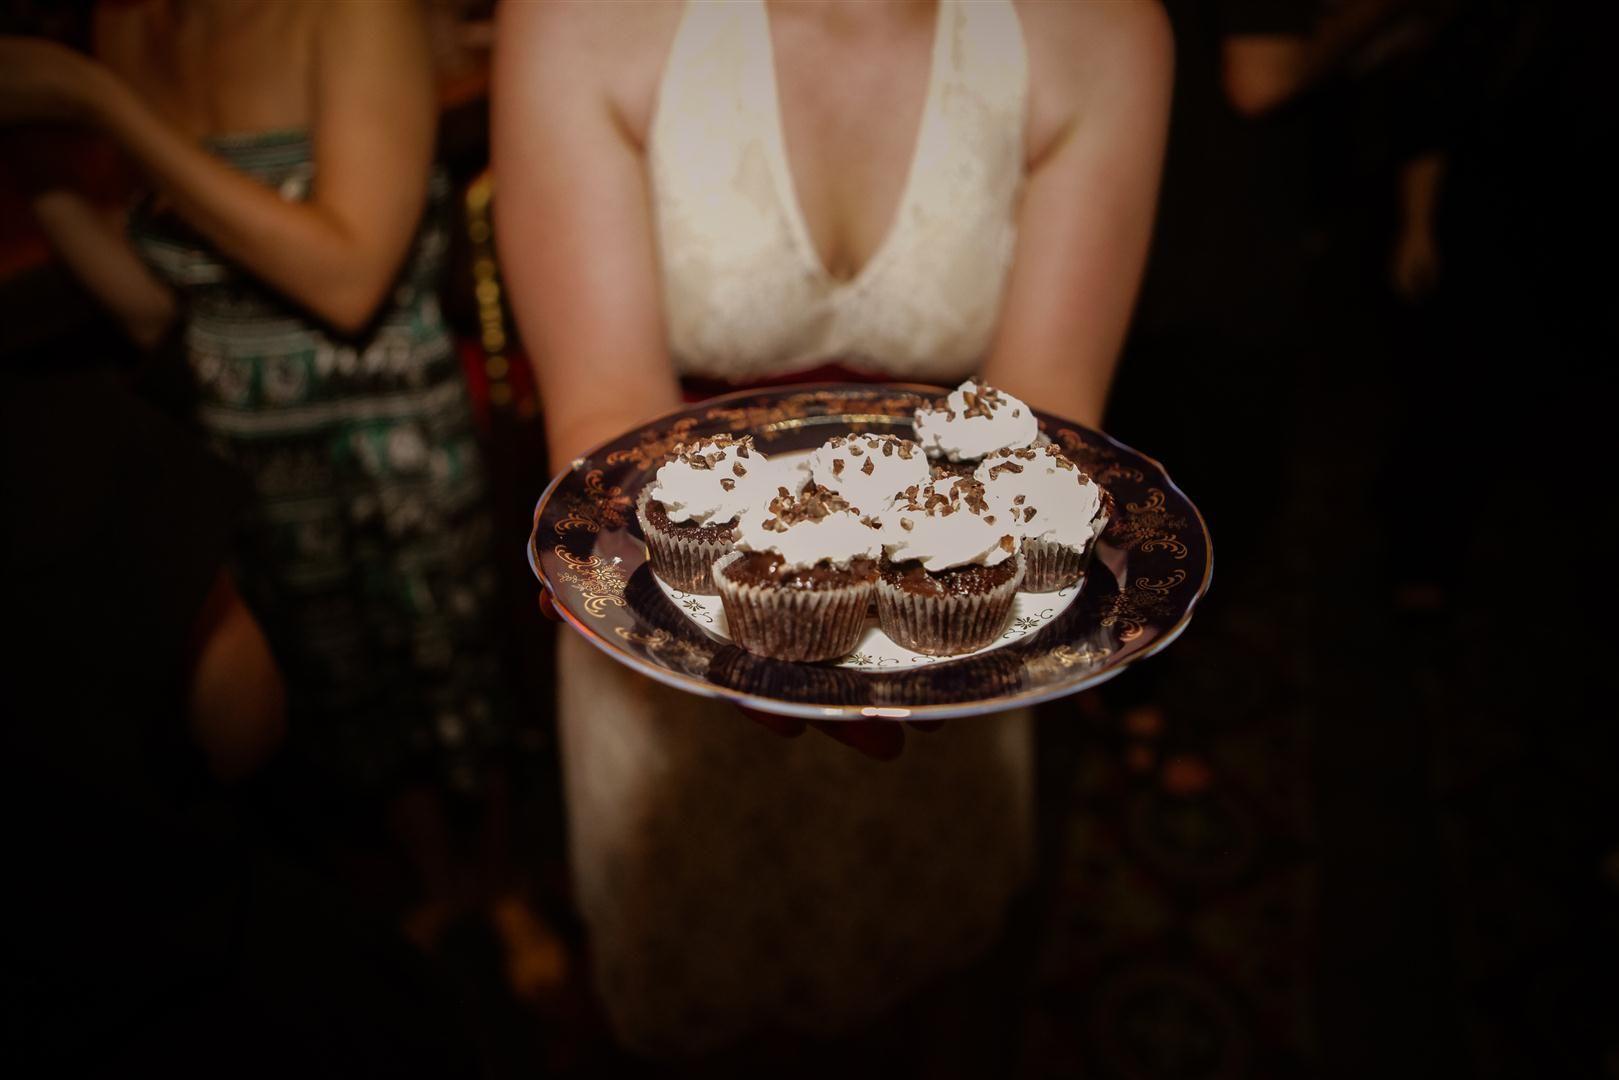 מיני קאפקייקס שוקולד עם אייריש קרים ומרנג איטלקי